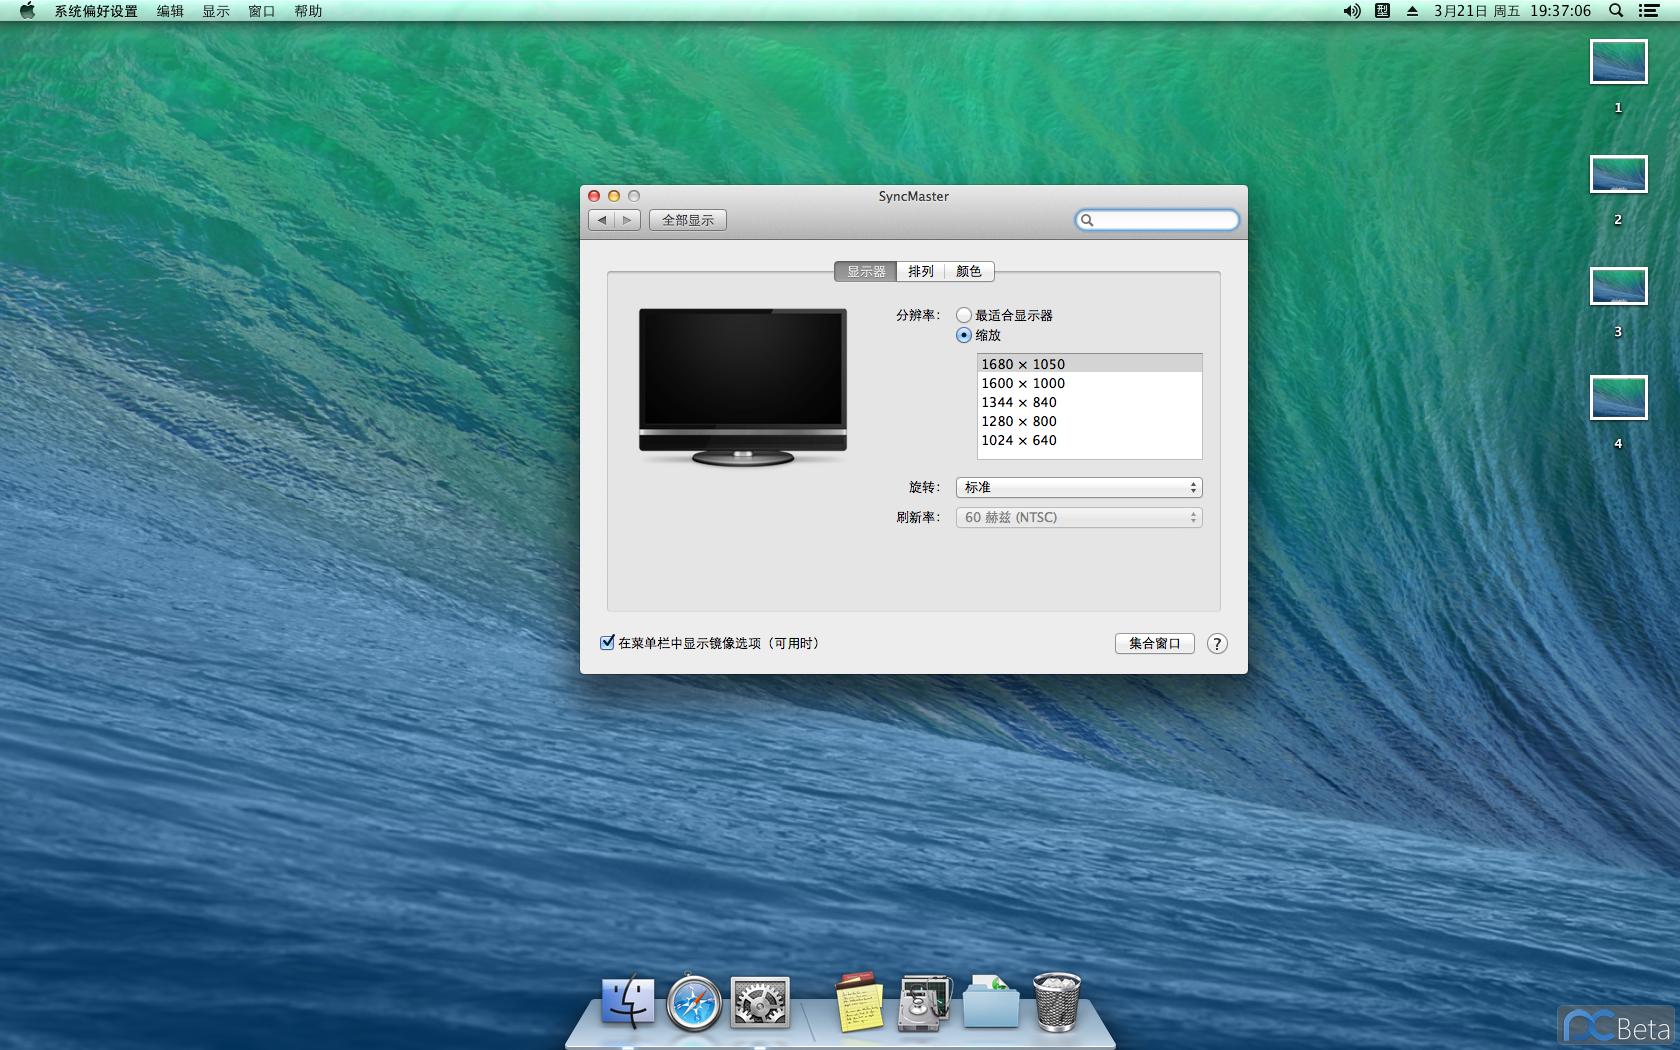 5主显示器分辨率.png